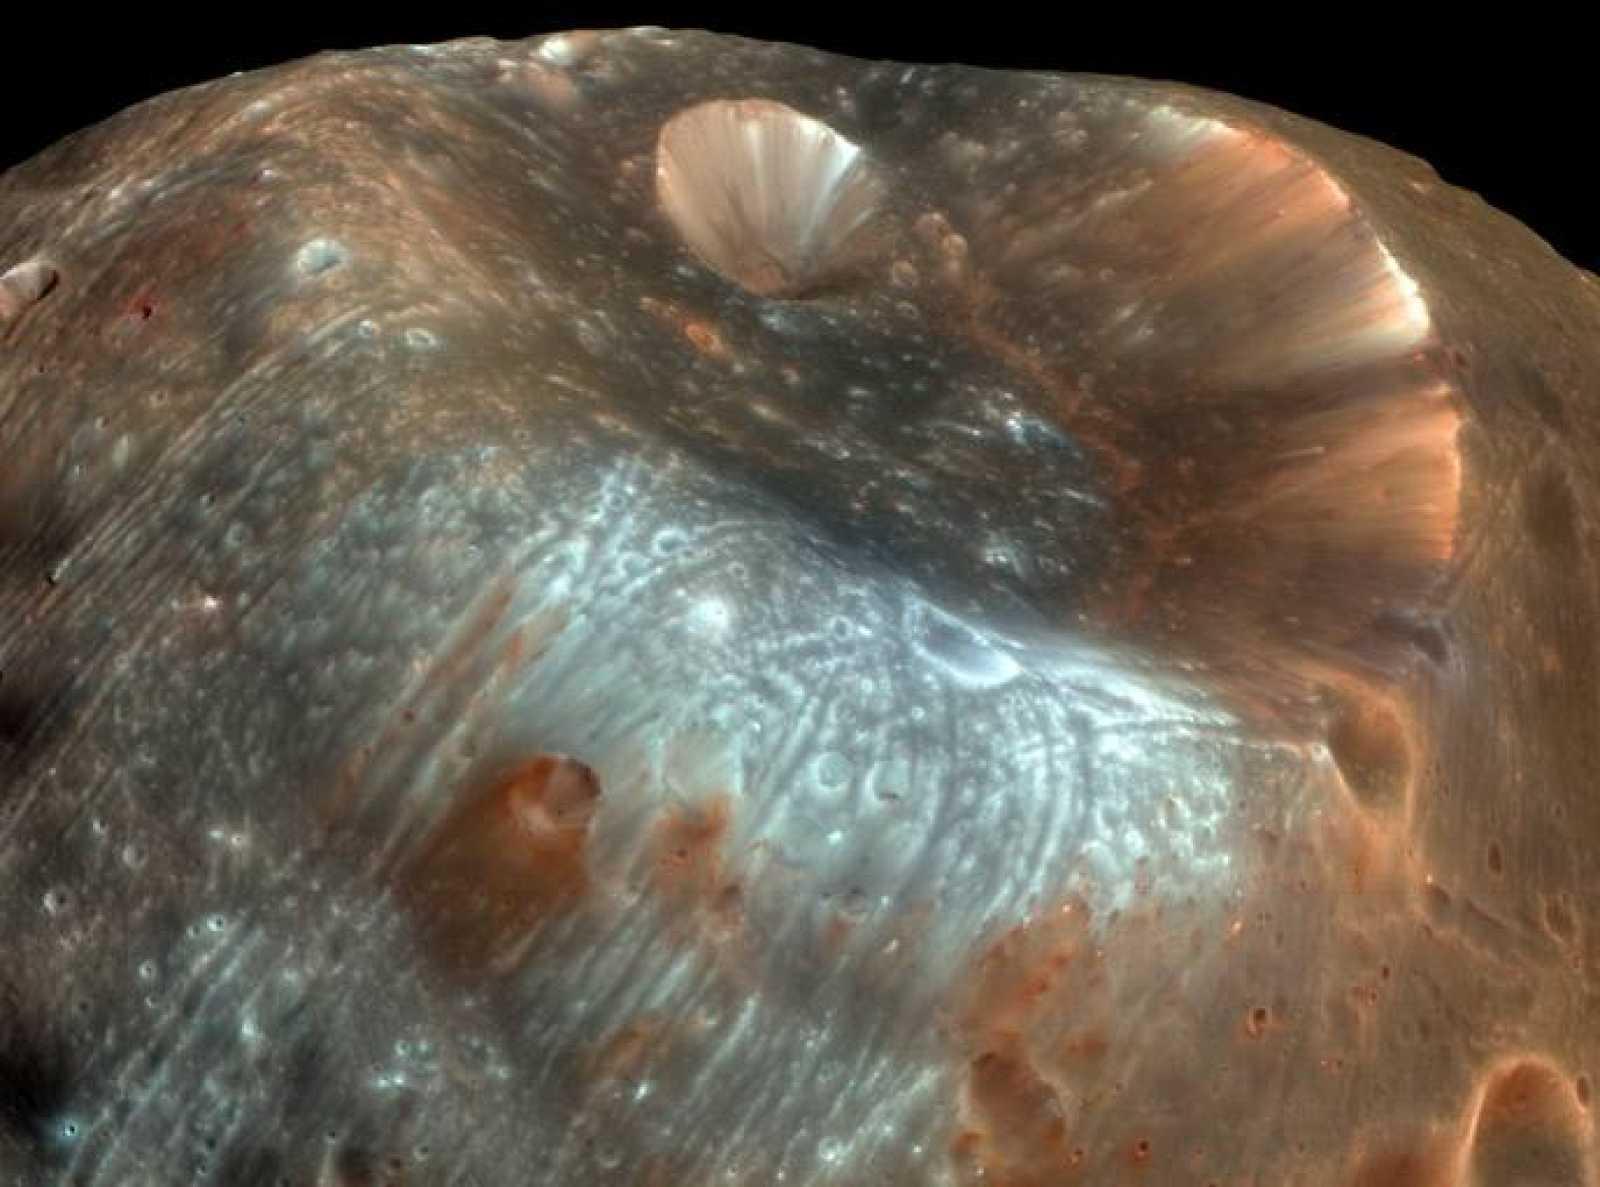 Cráter Stickney, el más grande de Fobos, con 9 kilómetros de diámetro.